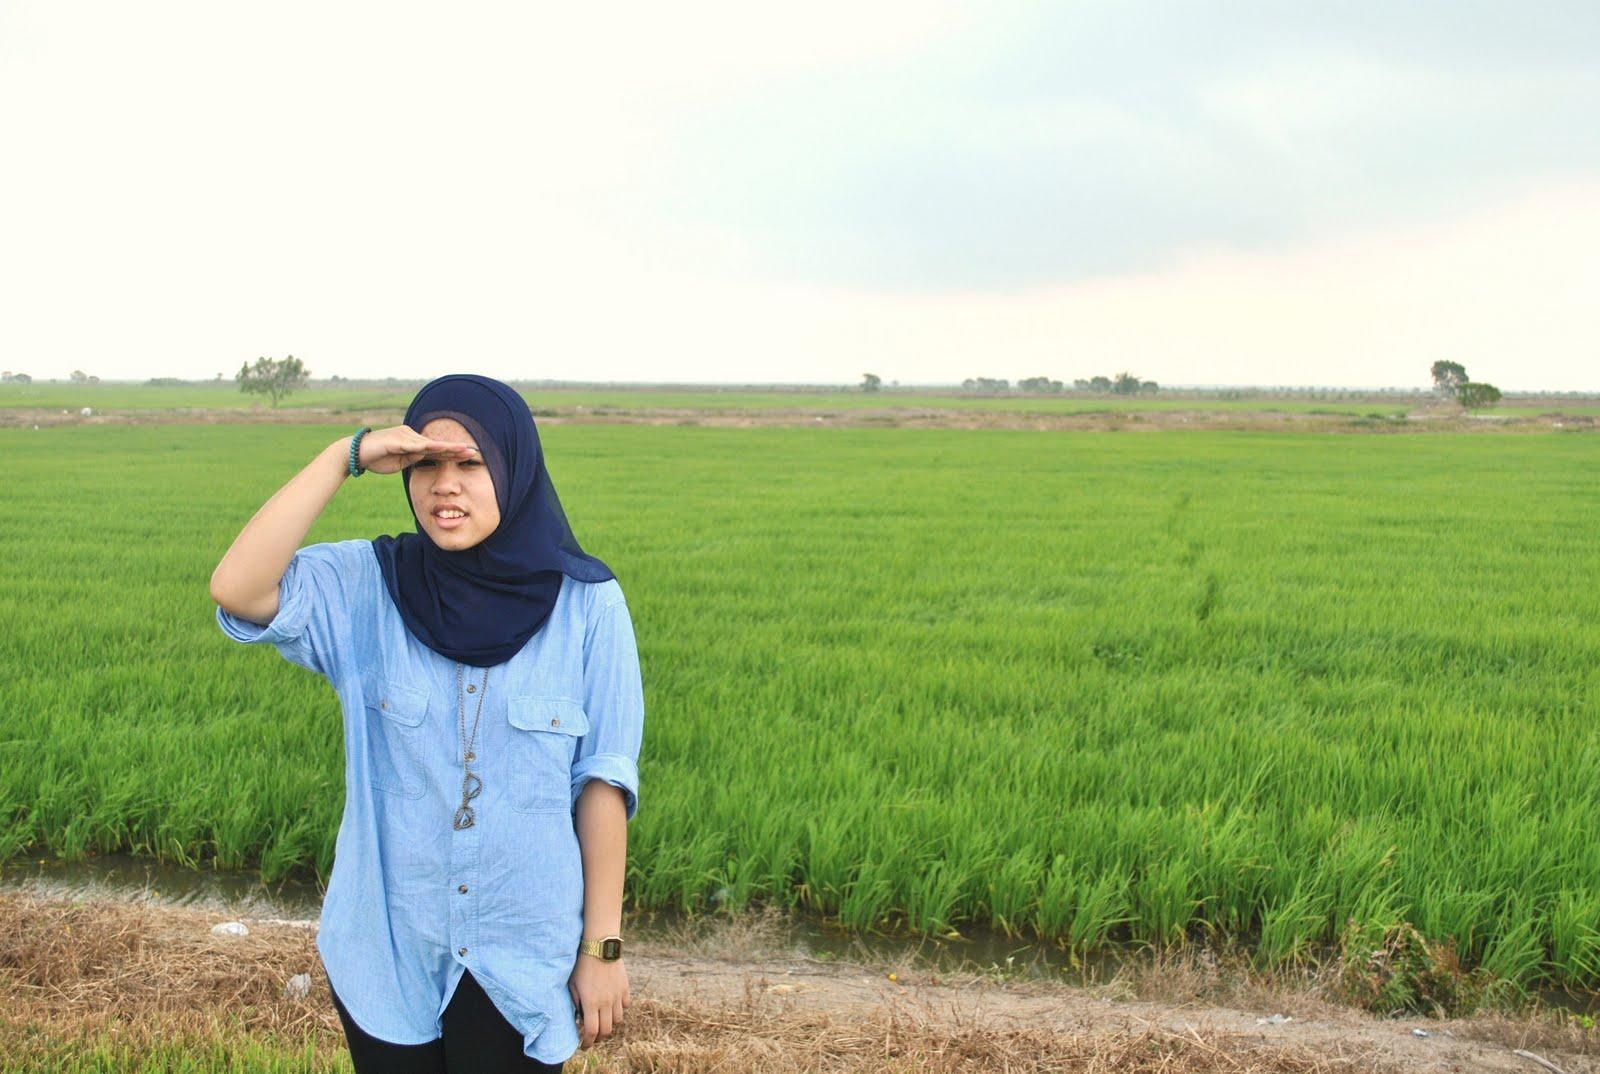 all about her: manjung ke sawah padi